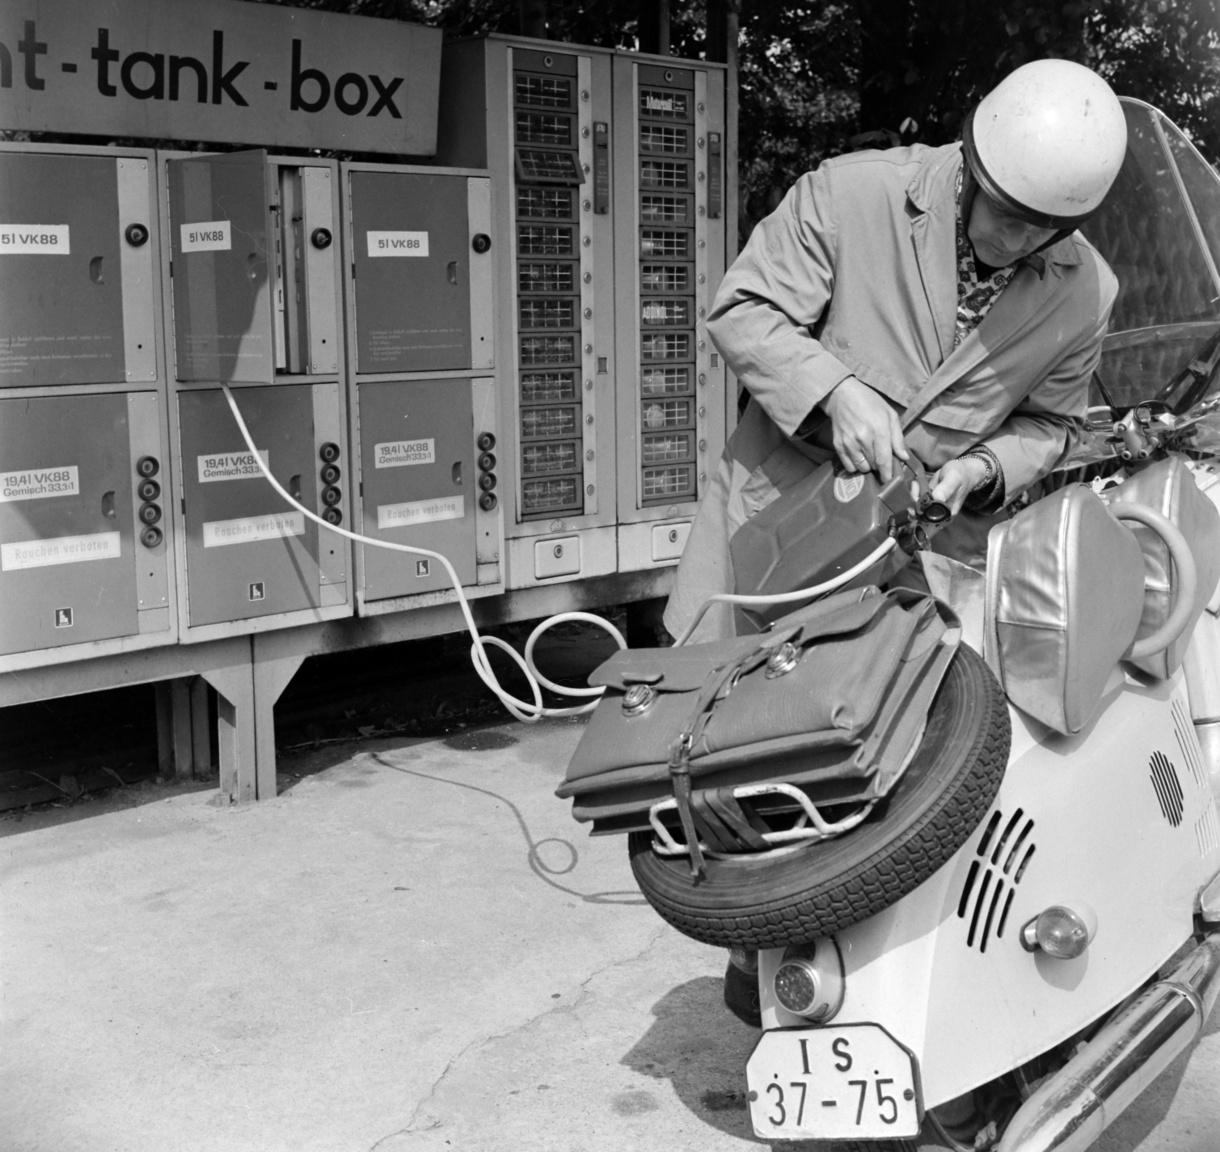 Az NDK zseniális találmánya volt az éjszakai tankbox, azaz az önkiszolgáló benzinkút. Ehhez vásárolni kellett egy kulcsot, ami nyitotta a trezort, amiben egy kanna benzin állt. Egy kulccsal 5 litert, két kulccsal 10 litert, 3 kulccsal 15 litert vételezhetett az ember és így tovább.